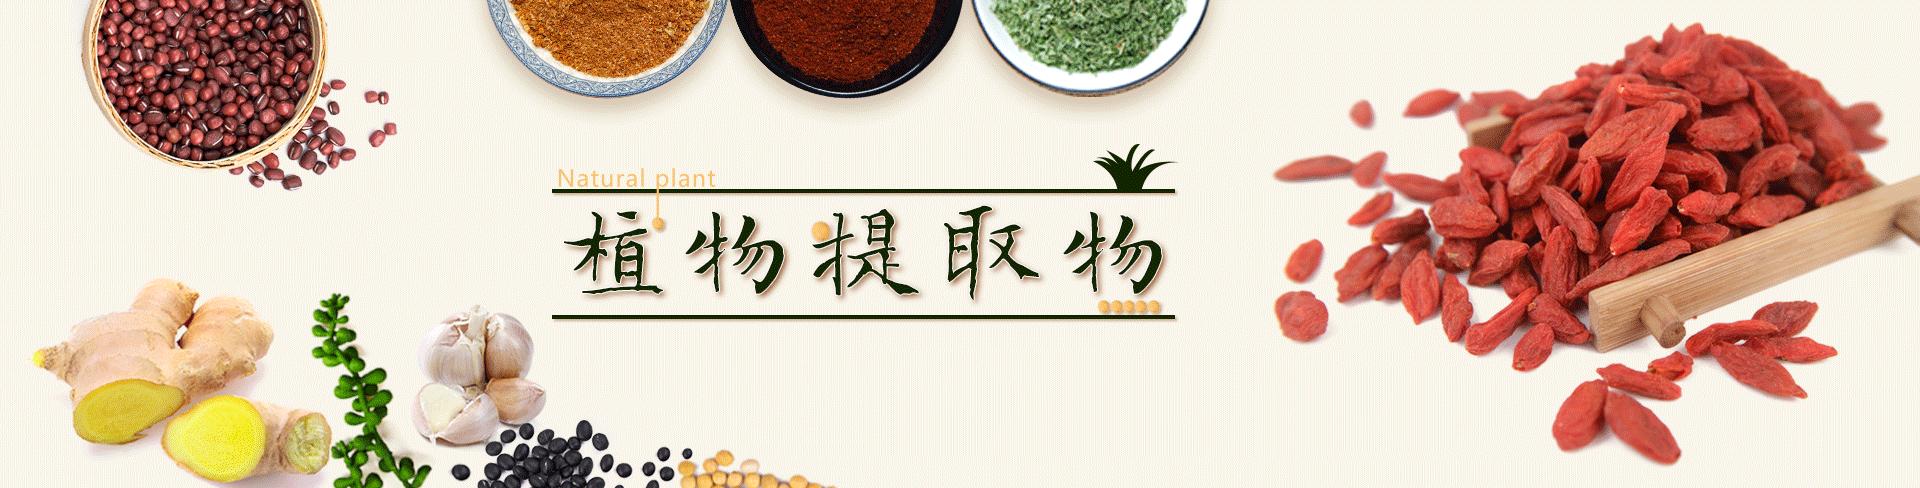 广州嘉源化工有限公司